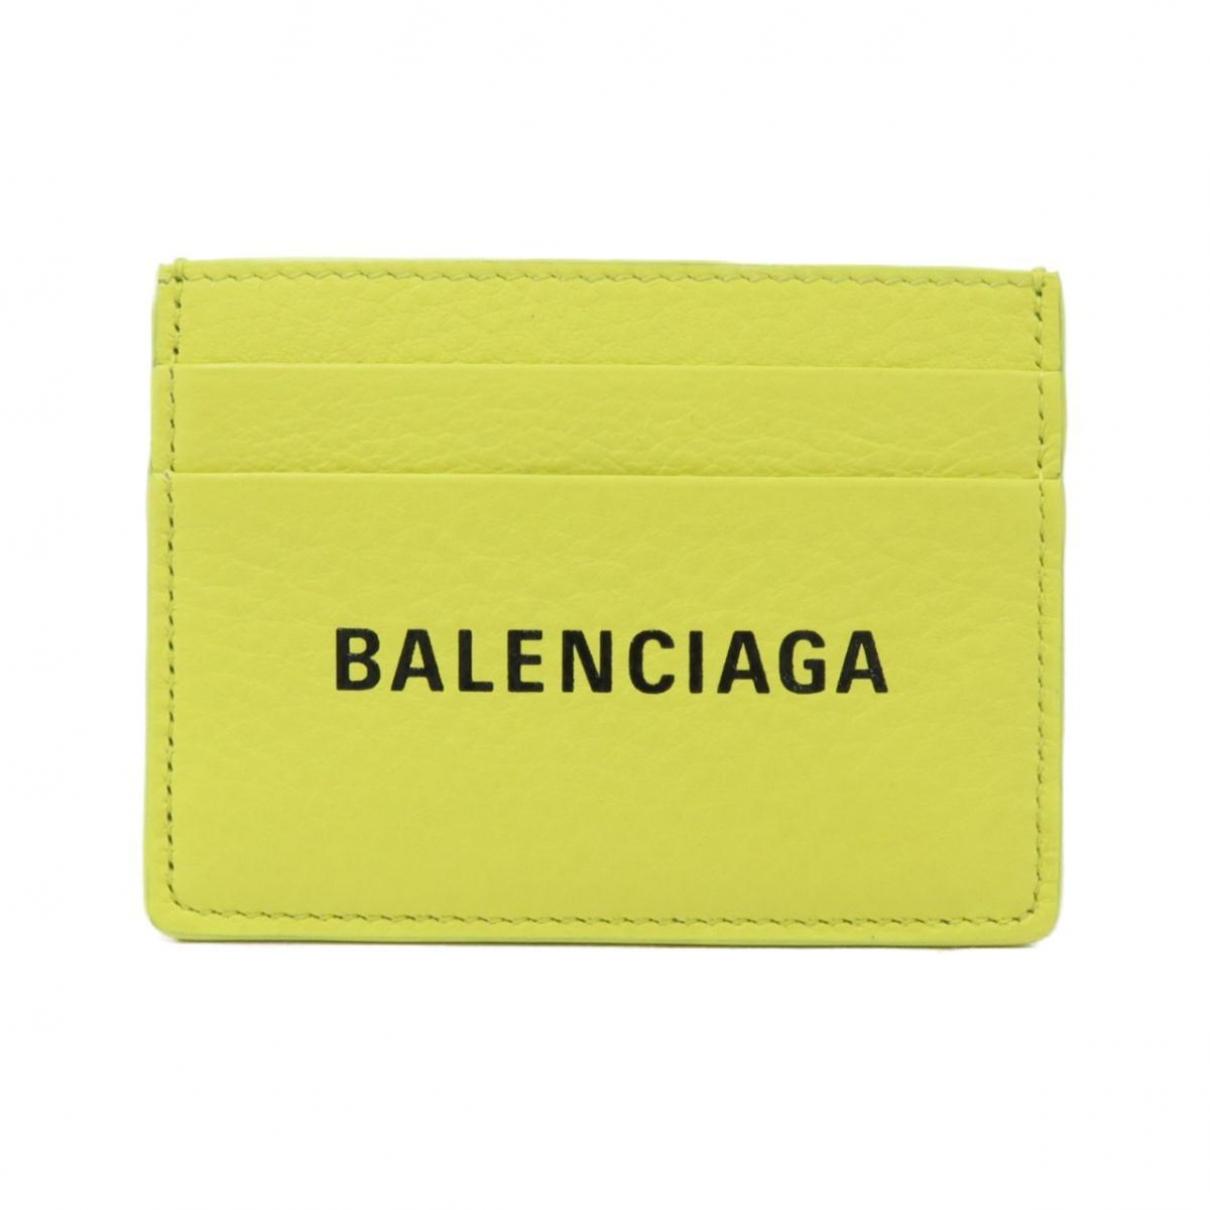 Balenciaga - Petite maroquinerie   pour femme en cuir - jaune